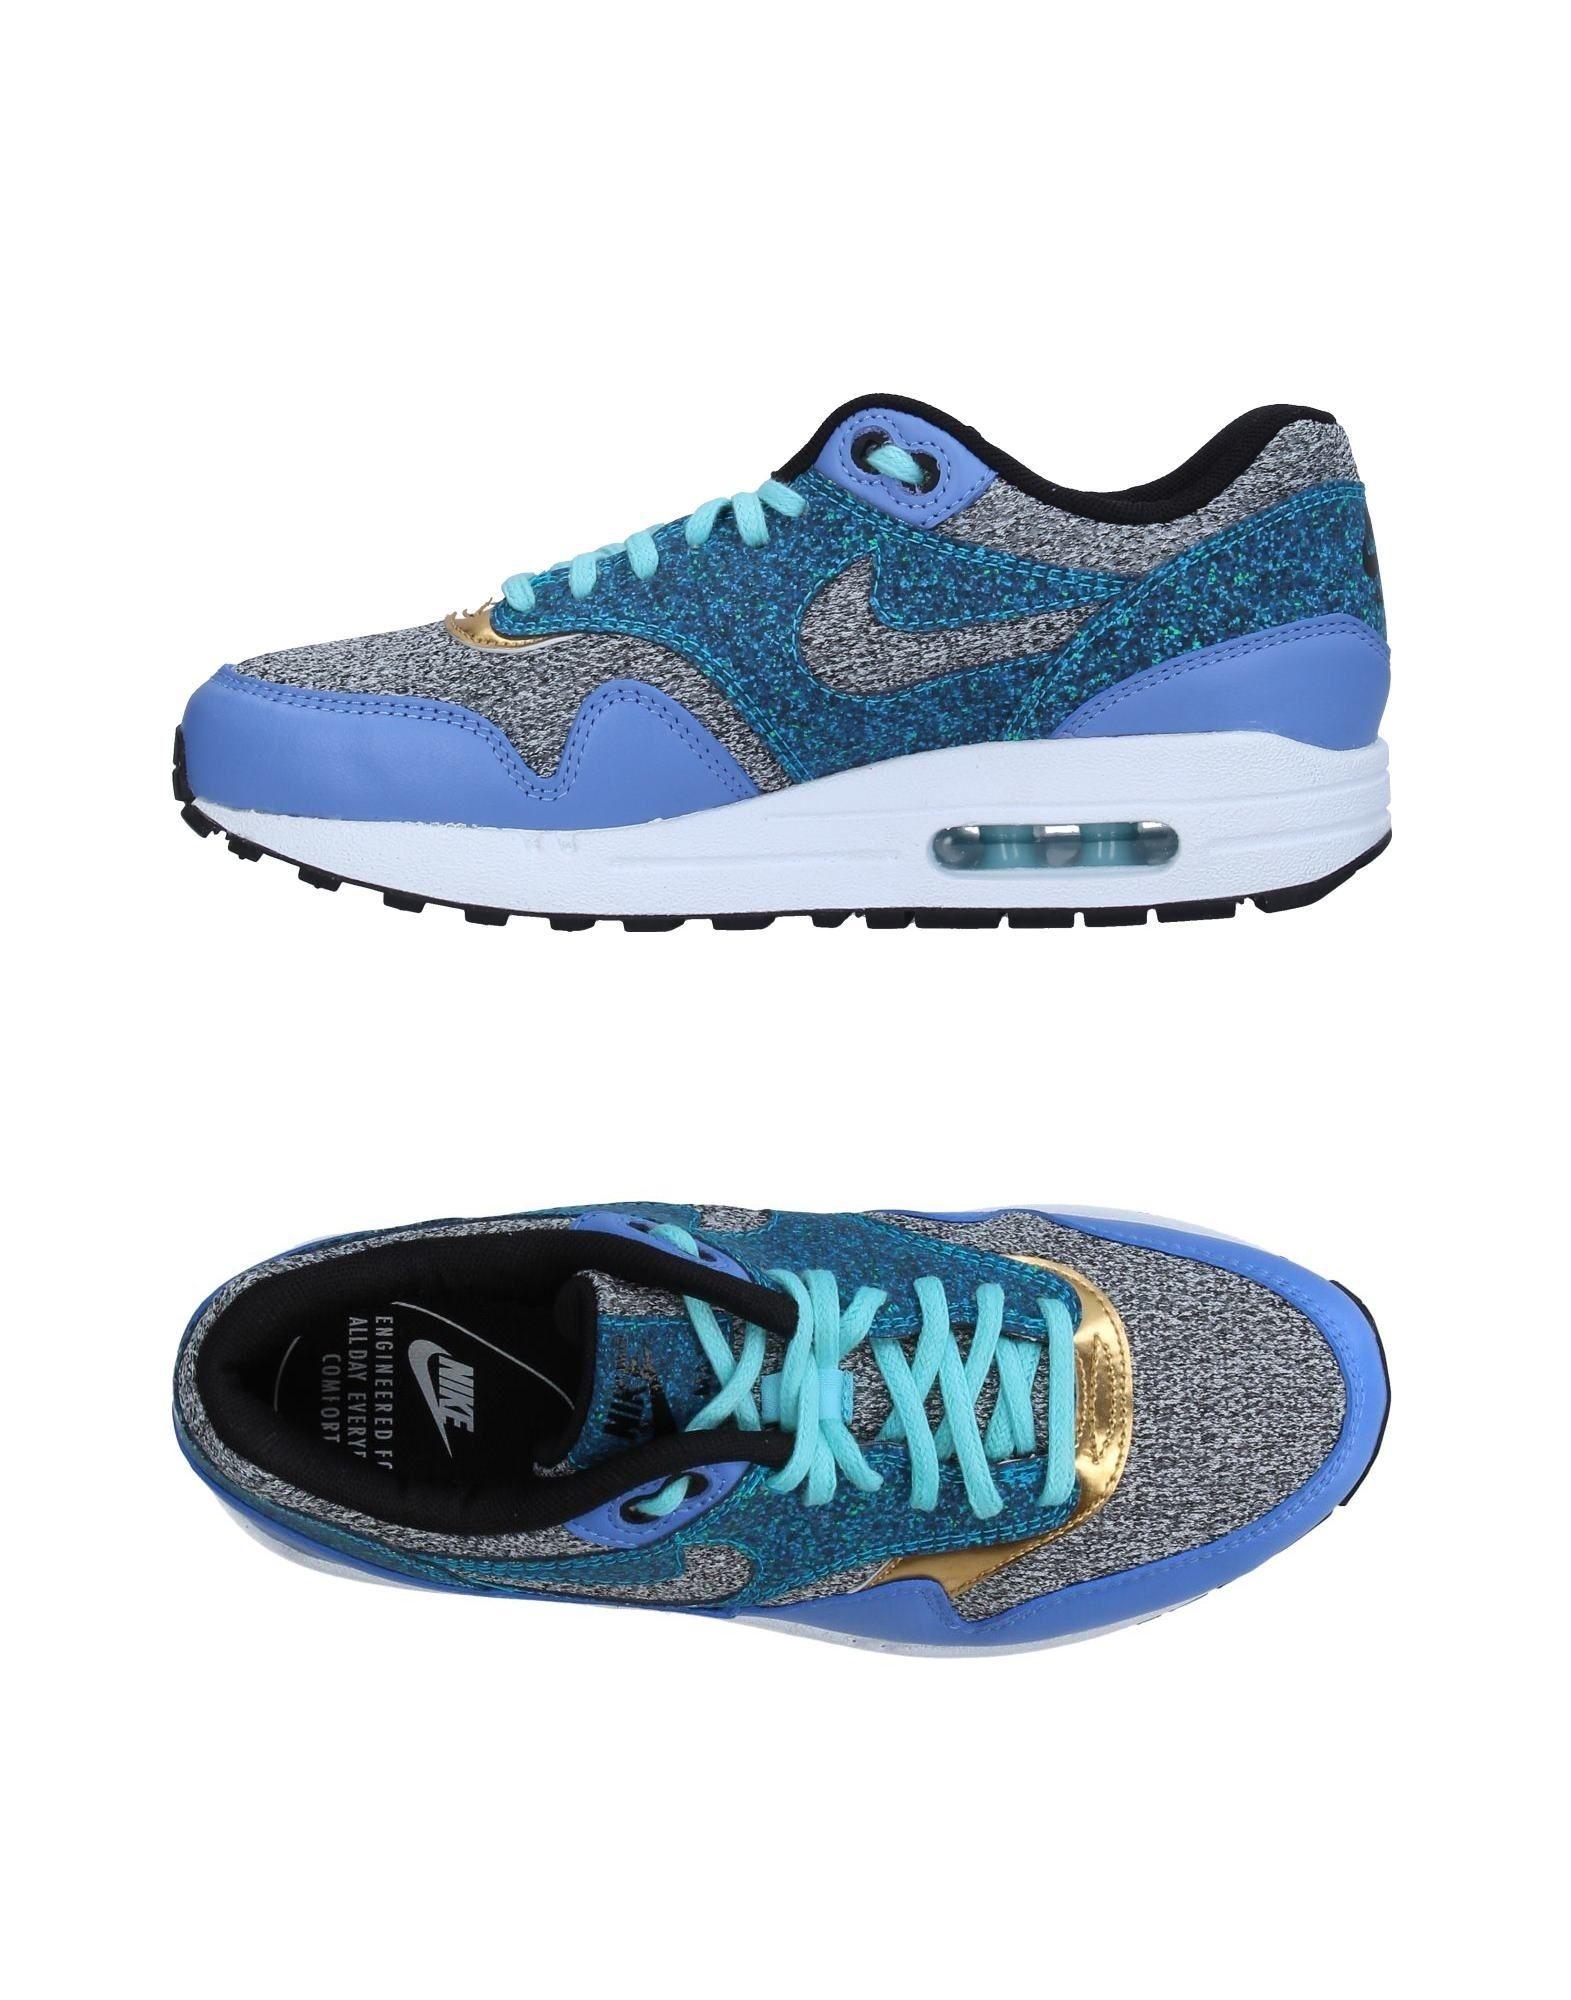 Scarpe economiche e resistenti Sneakers Nike Donna - 11336672UB